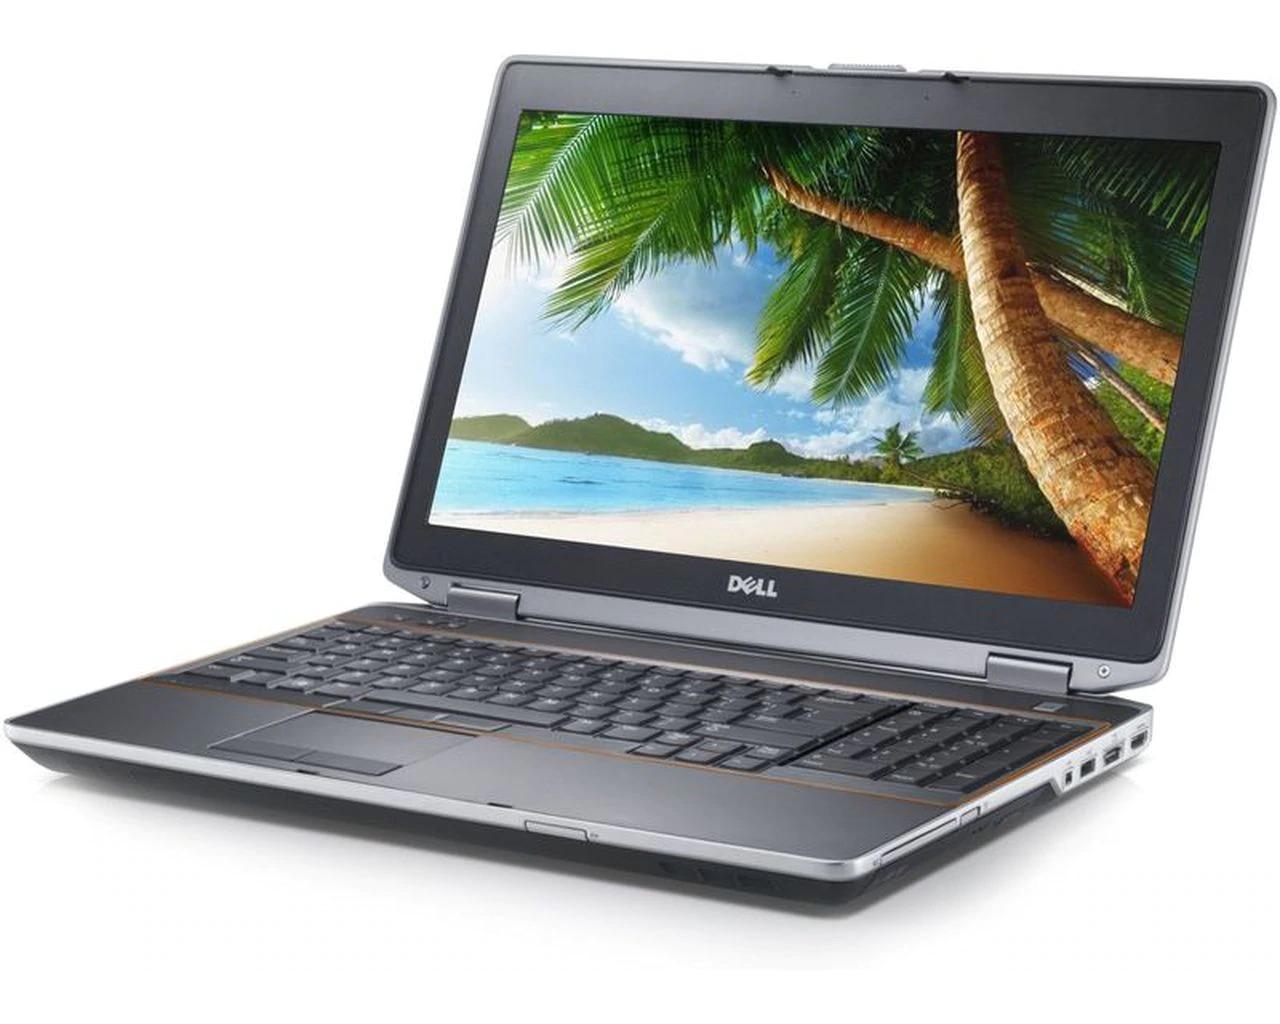 صفحه نمایش Dell Latitude E6520